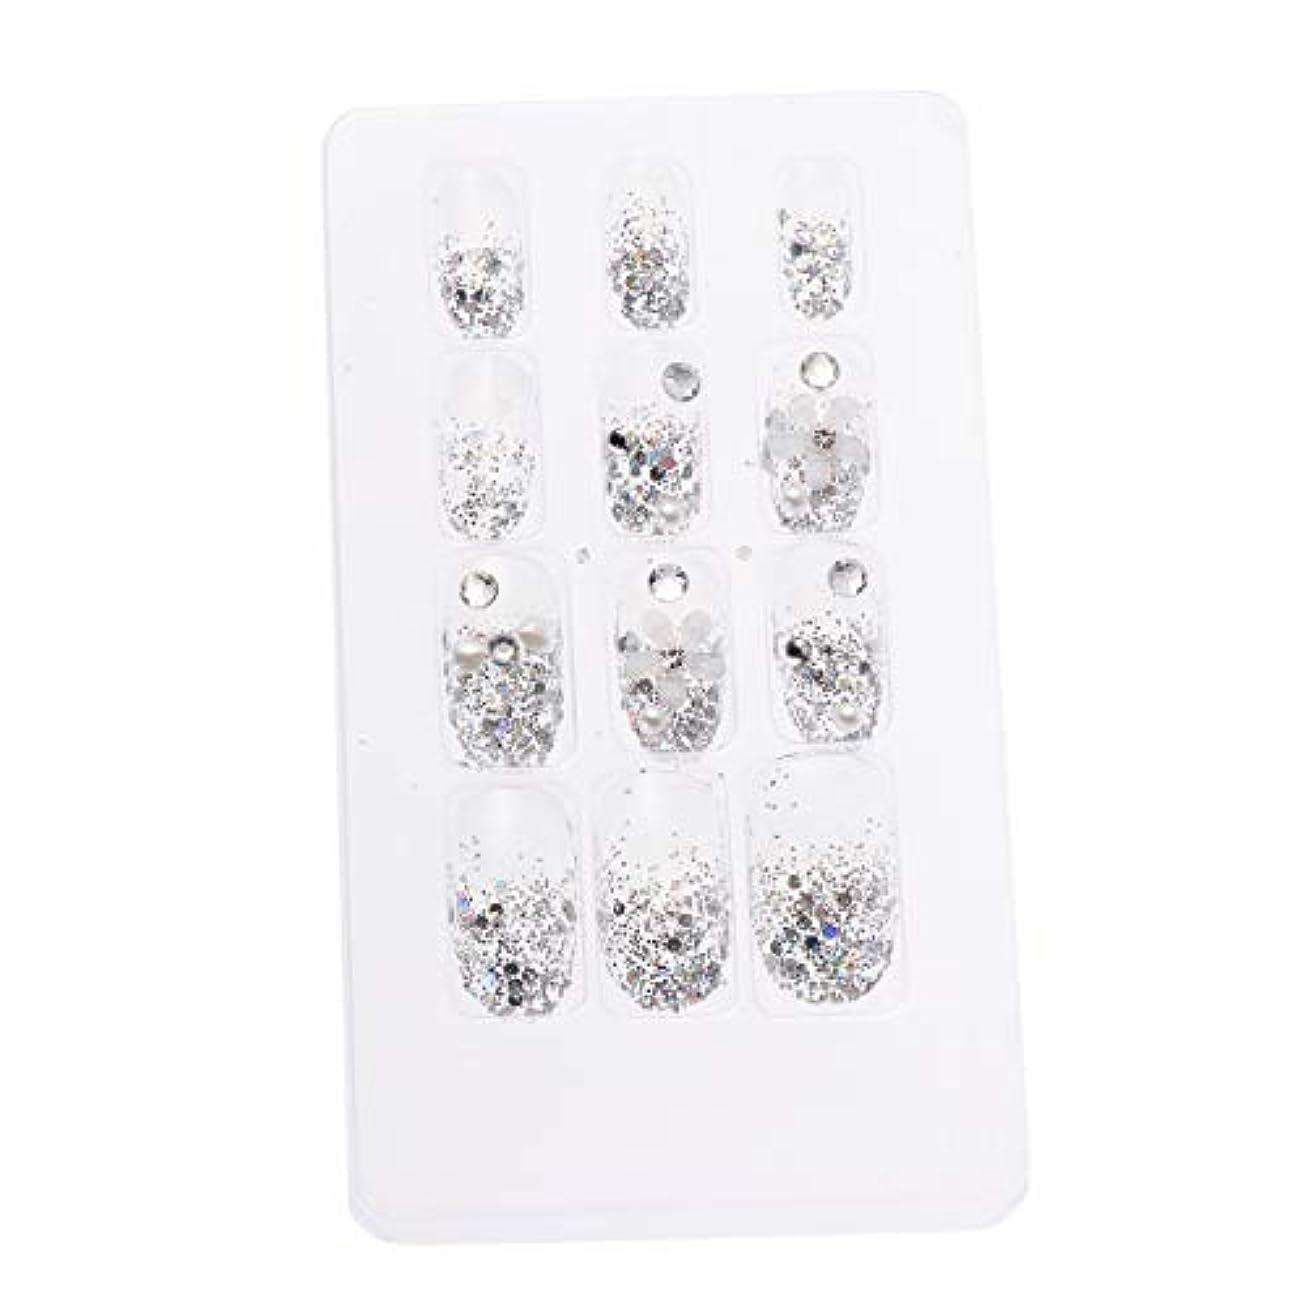 我慢する文字通り胃LURROSE 24ピースネイルステッカー 人工ダイヤモンド装飾ネイルアート用ブライダル女性